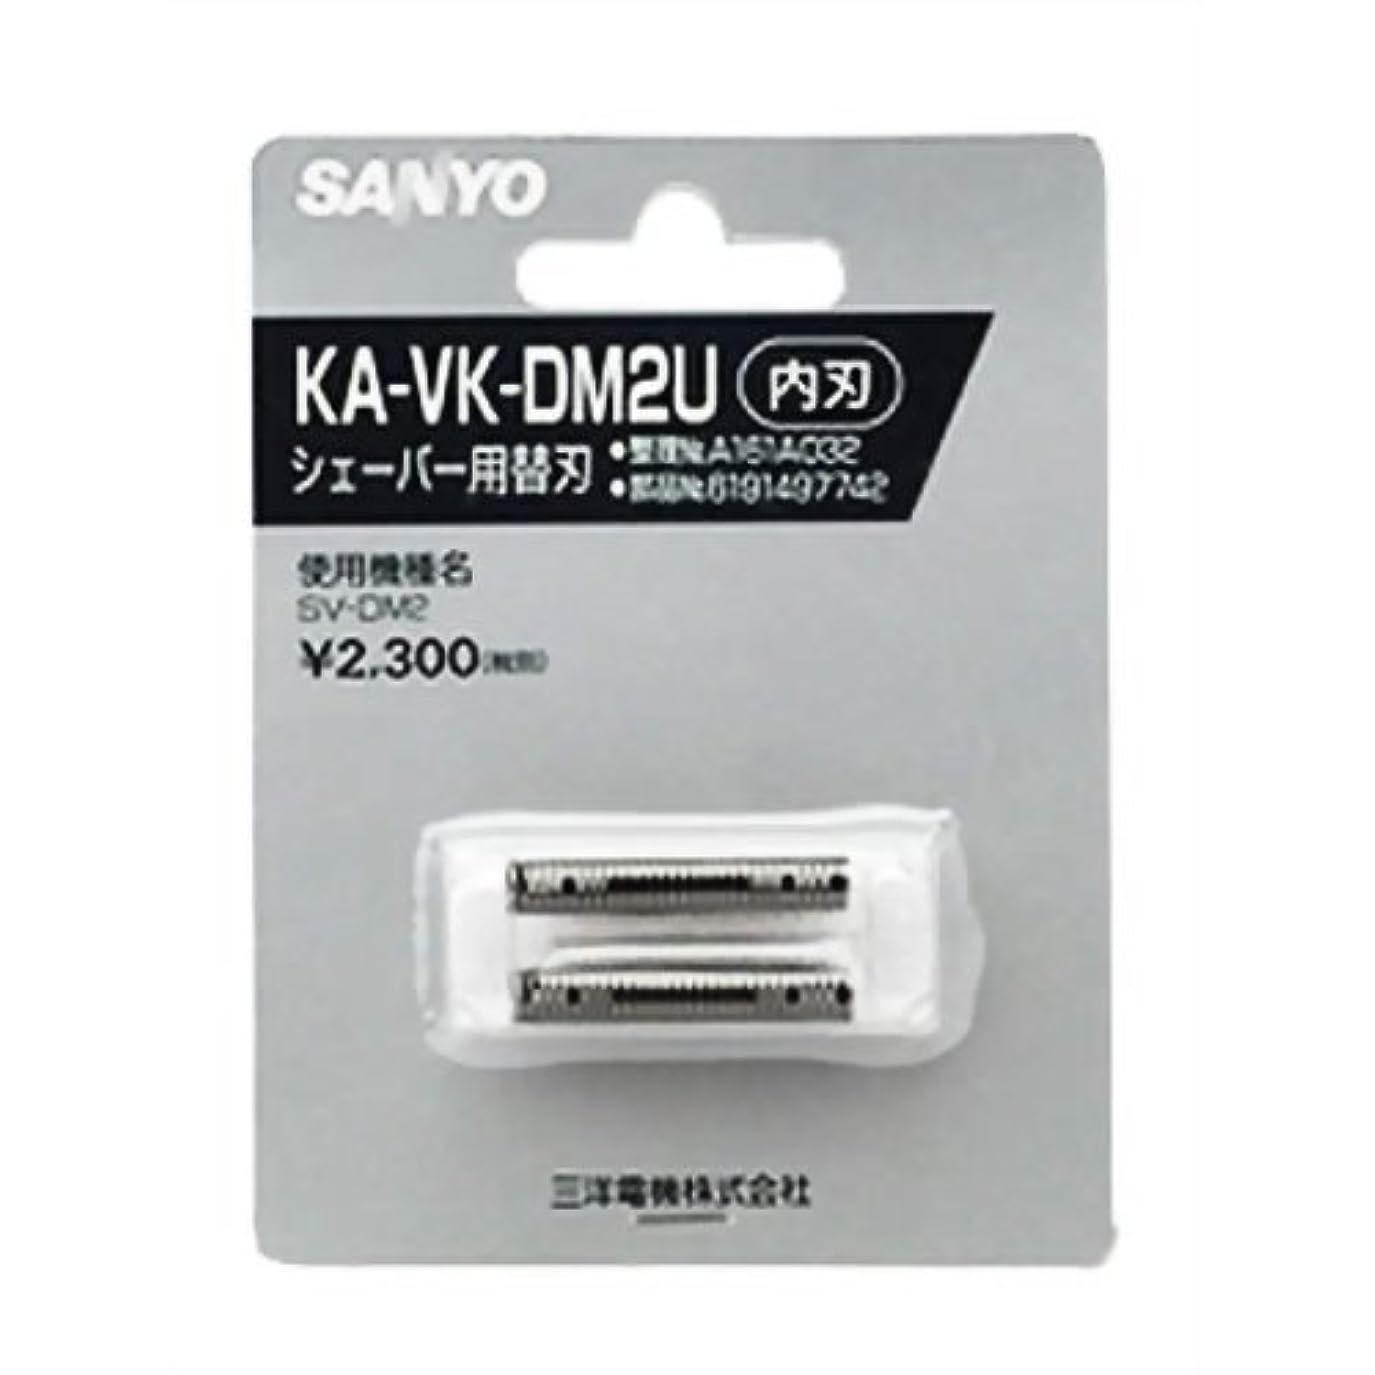 死にかけている滅多関税SANYO (サンヨー) KA-VK-DM2U シェーバー替刃 (内刃)